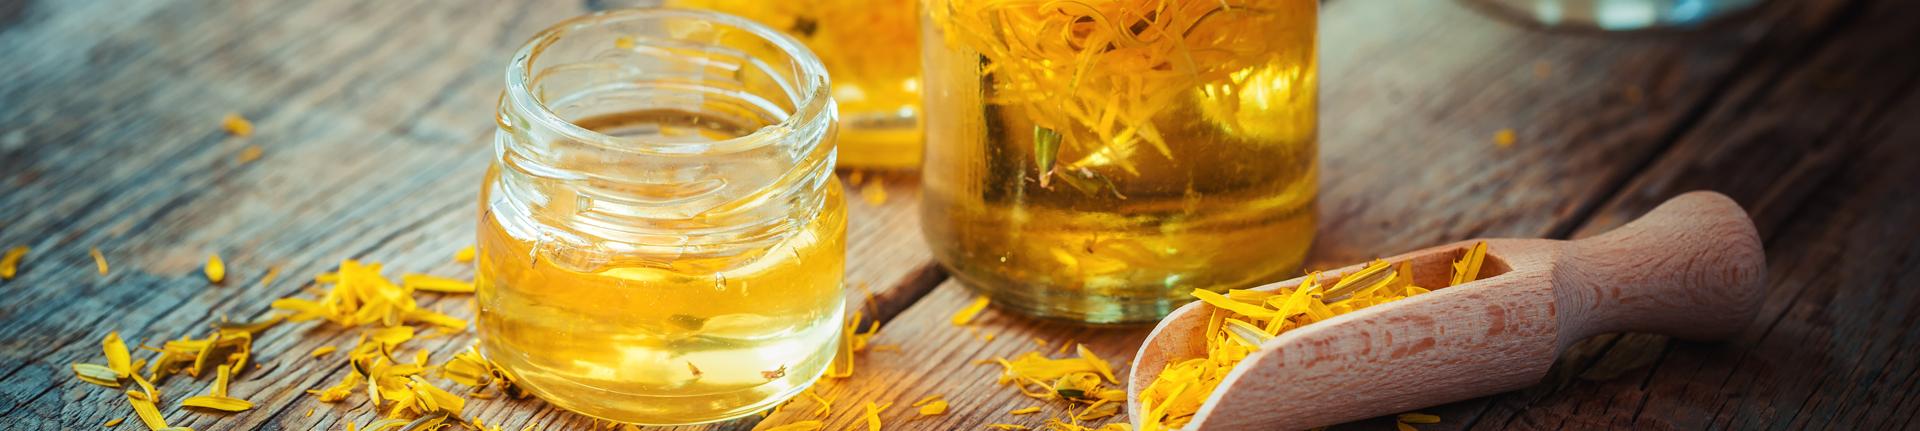 Aromaterapia para acabar com o estresse